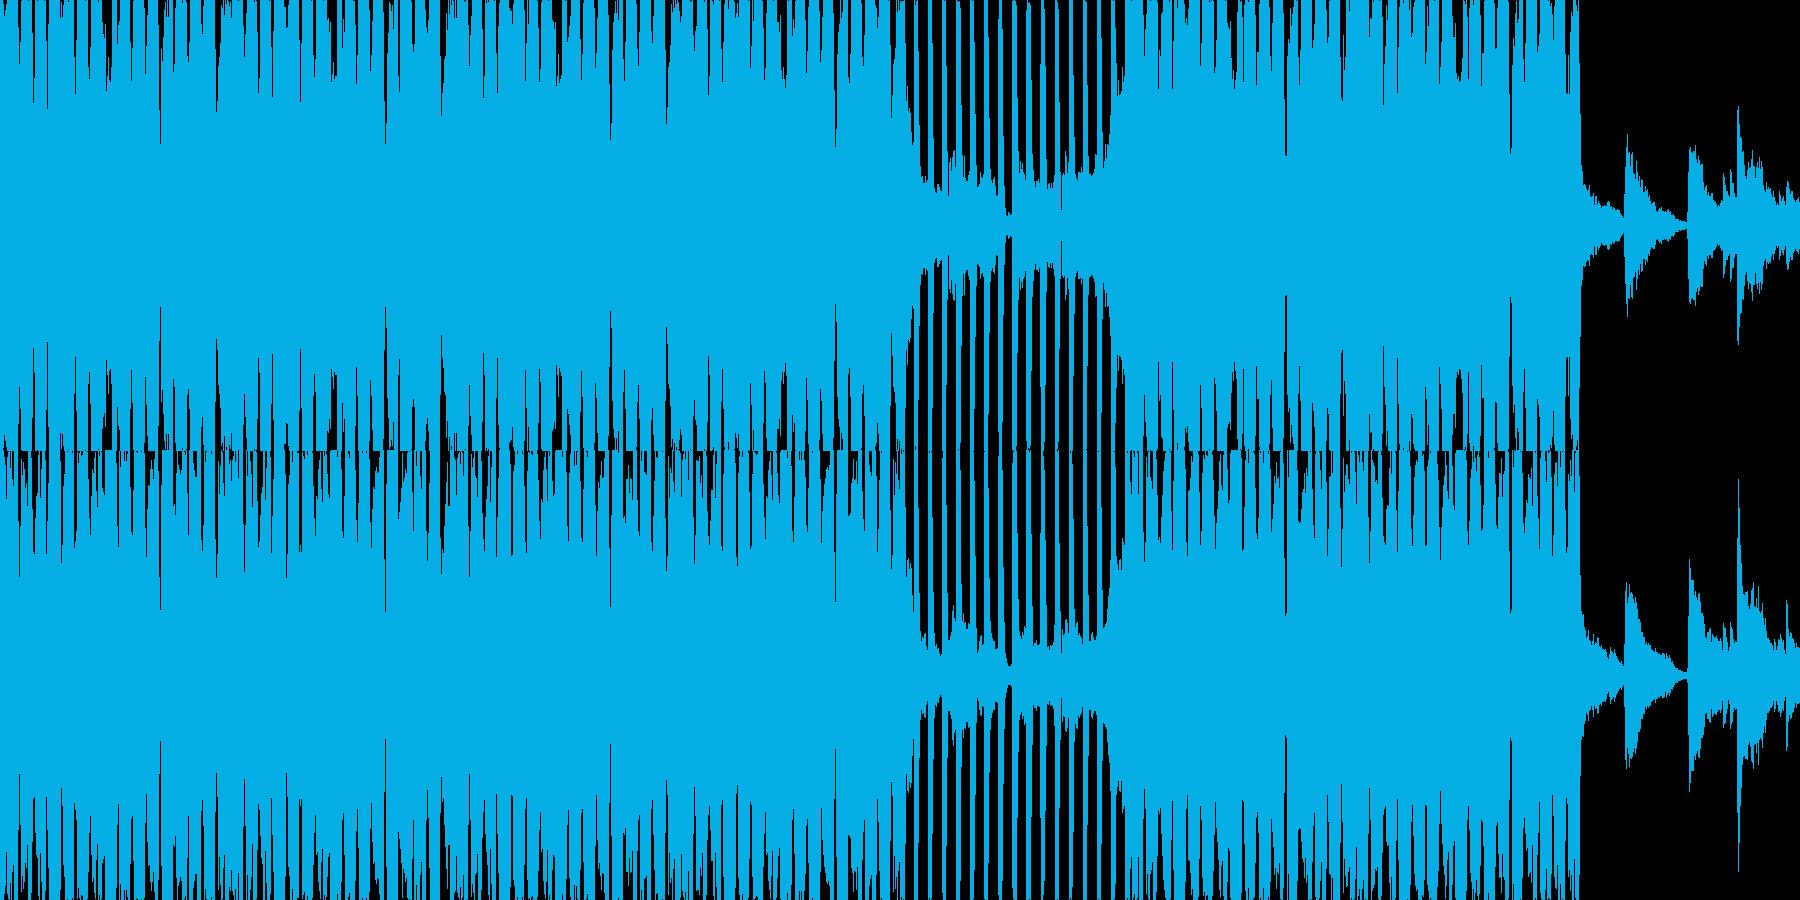 【ピアノ】悲しげ EDM【ダンス】の再生済みの波形